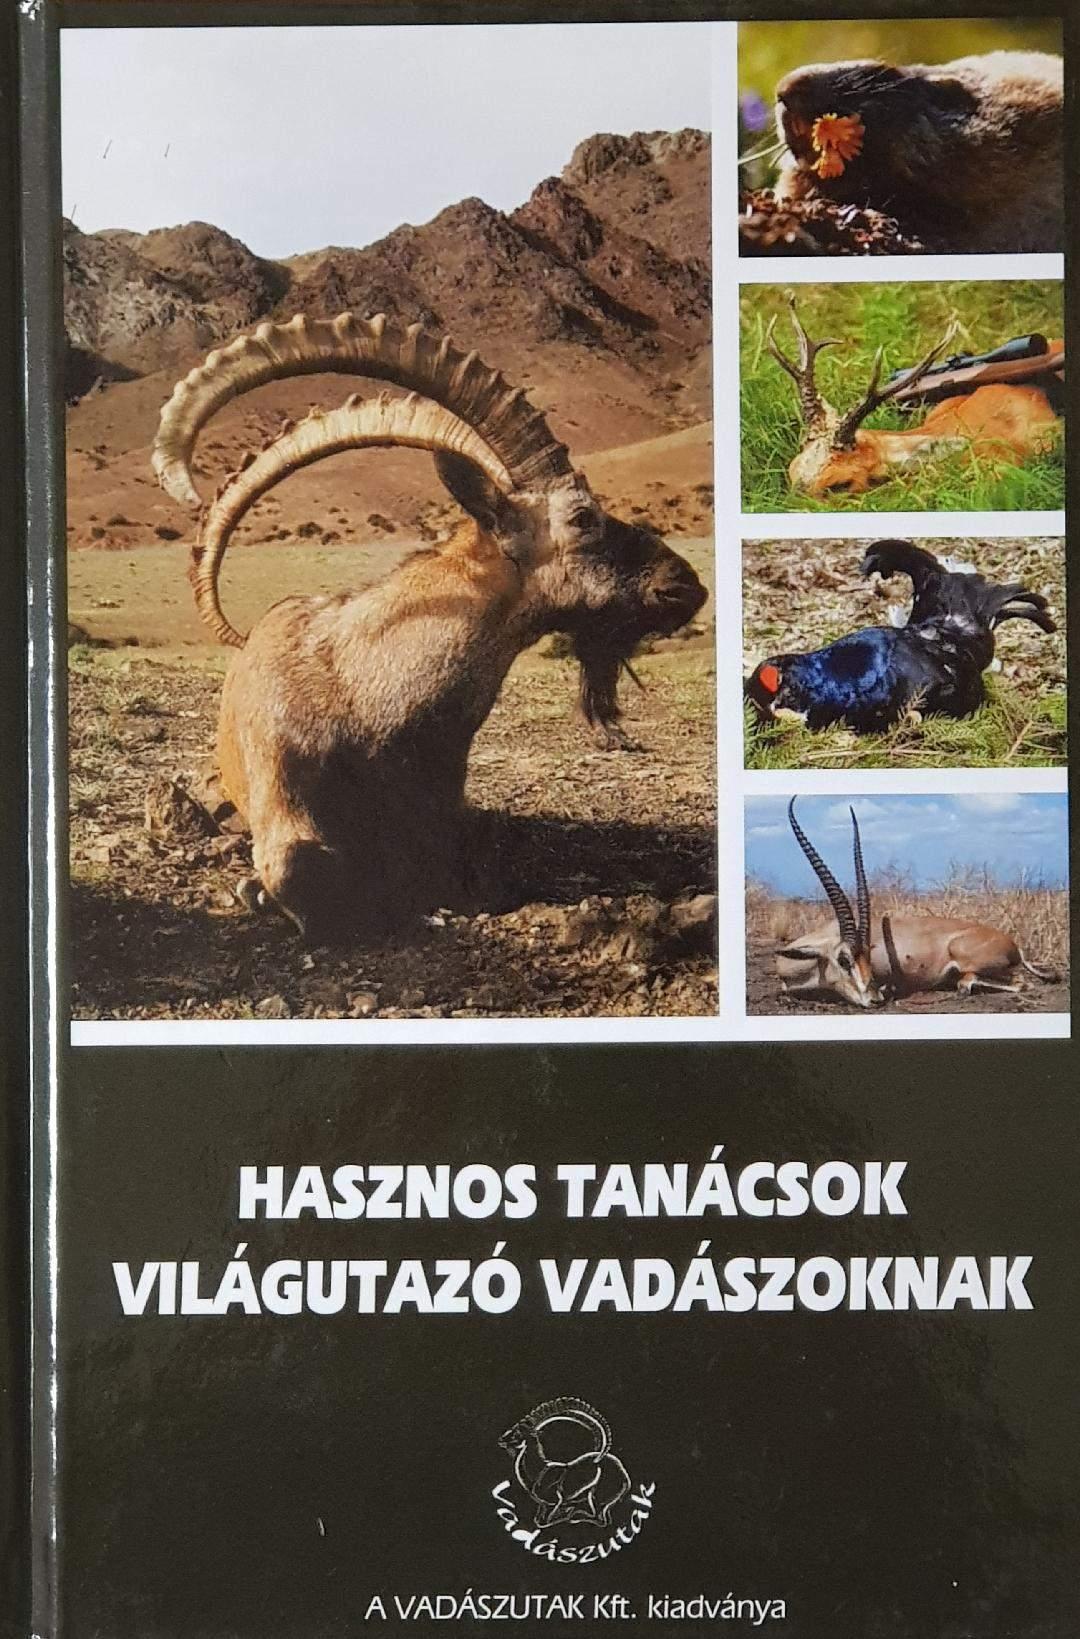 VU - Vadászutak Kft – Hasznos tanácsok világutazó vadászoknak